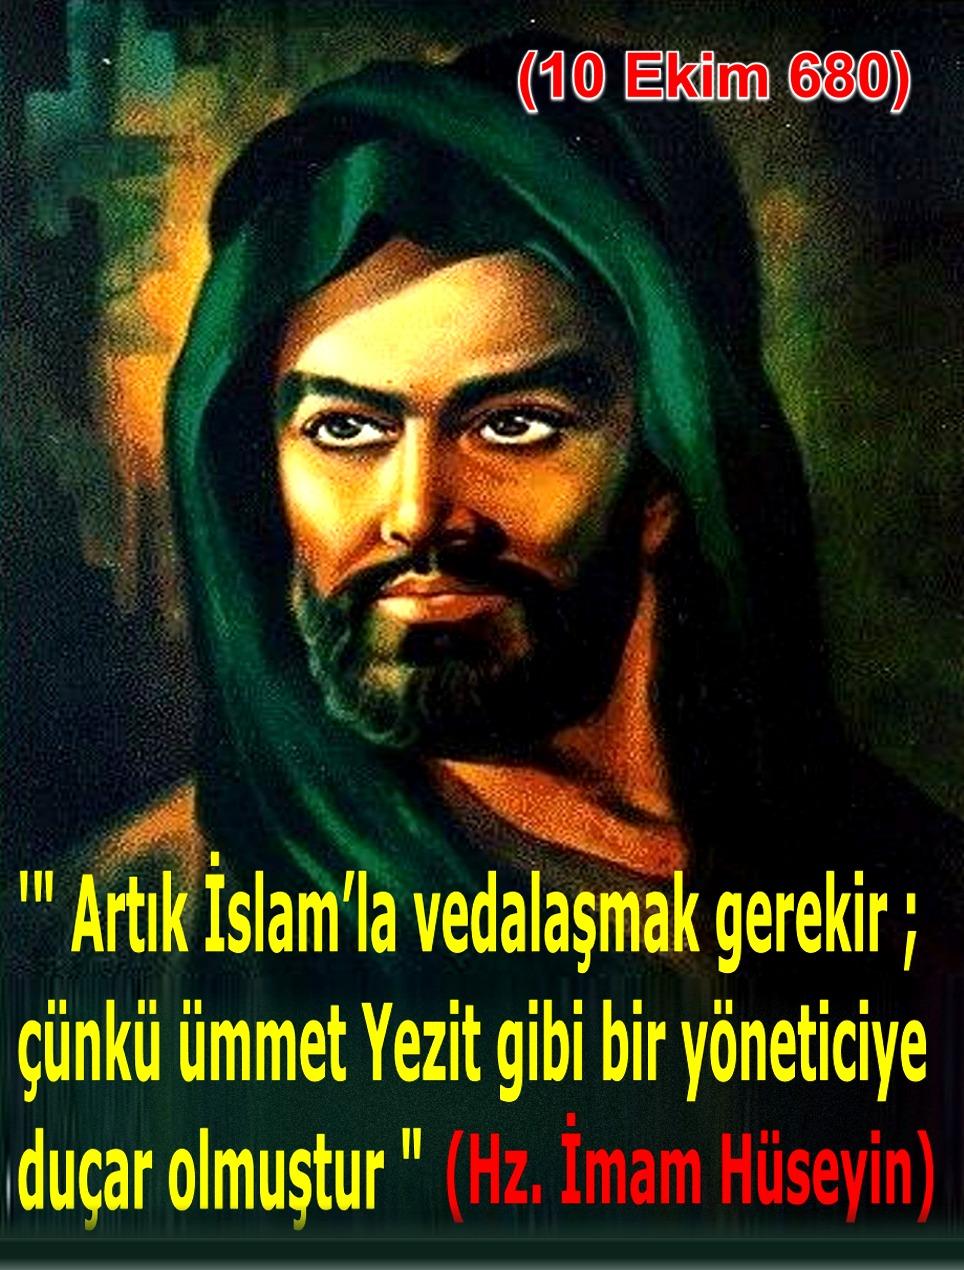 Devrimci Aleviler Birliği DAB Alevi Kızılbaş Bektaşi pir sultan cem hz Ali 12 imam semah Feramuz Şah Acar islama veda hz hüseyin